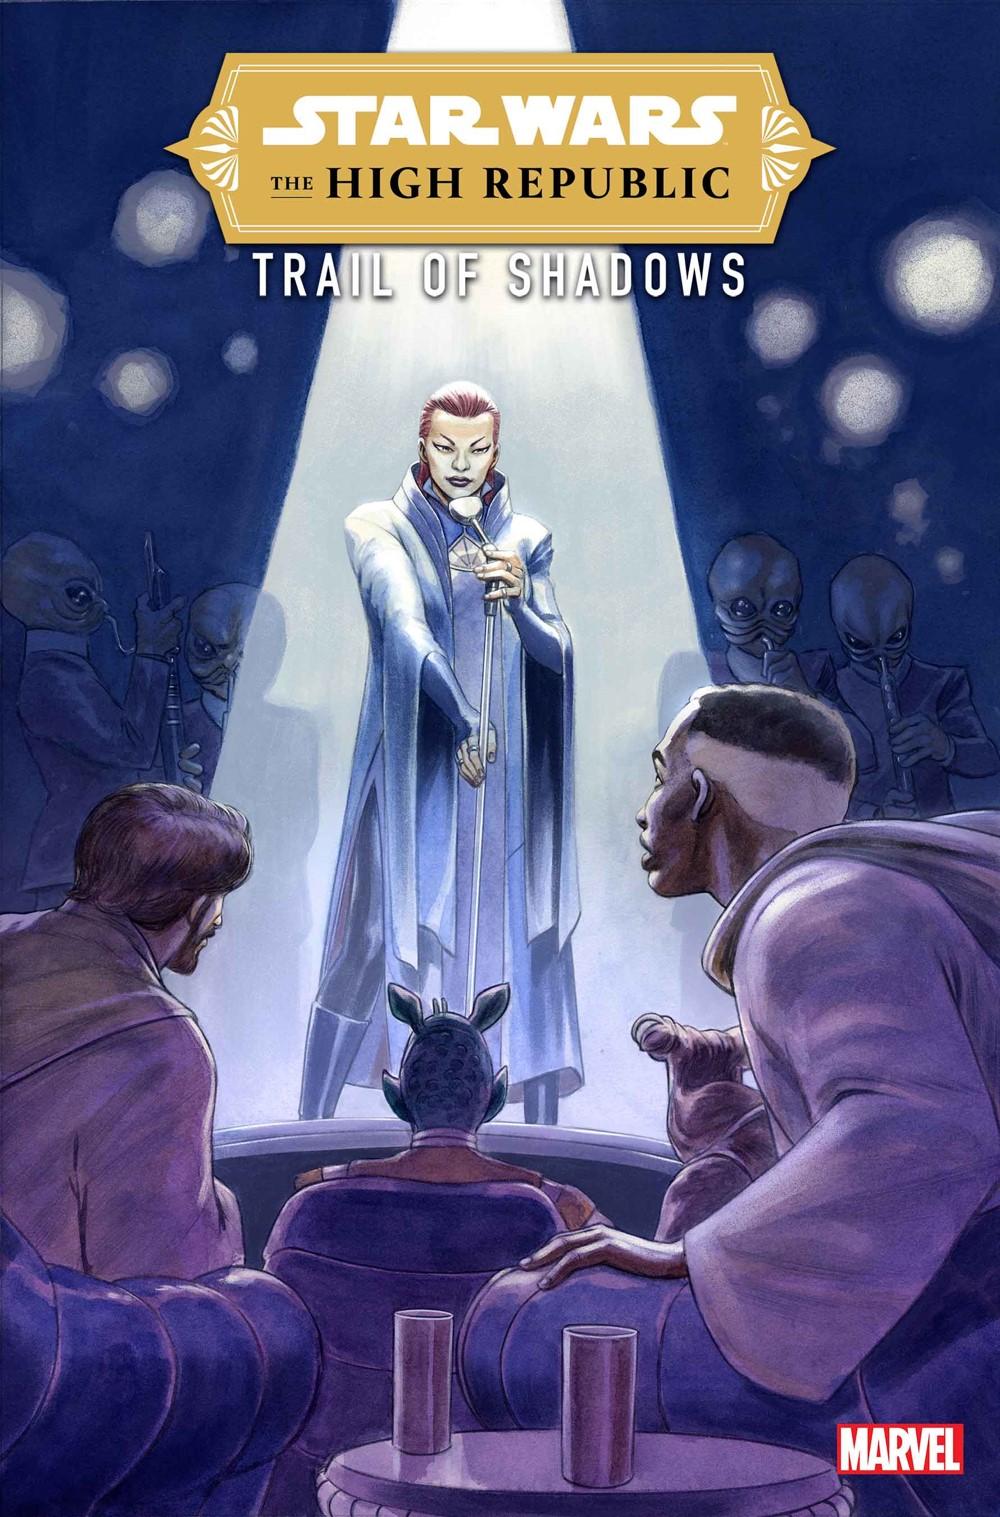 STWHIGHREPTOS2021003_cov Marvel Comics December 2021 Solicitations